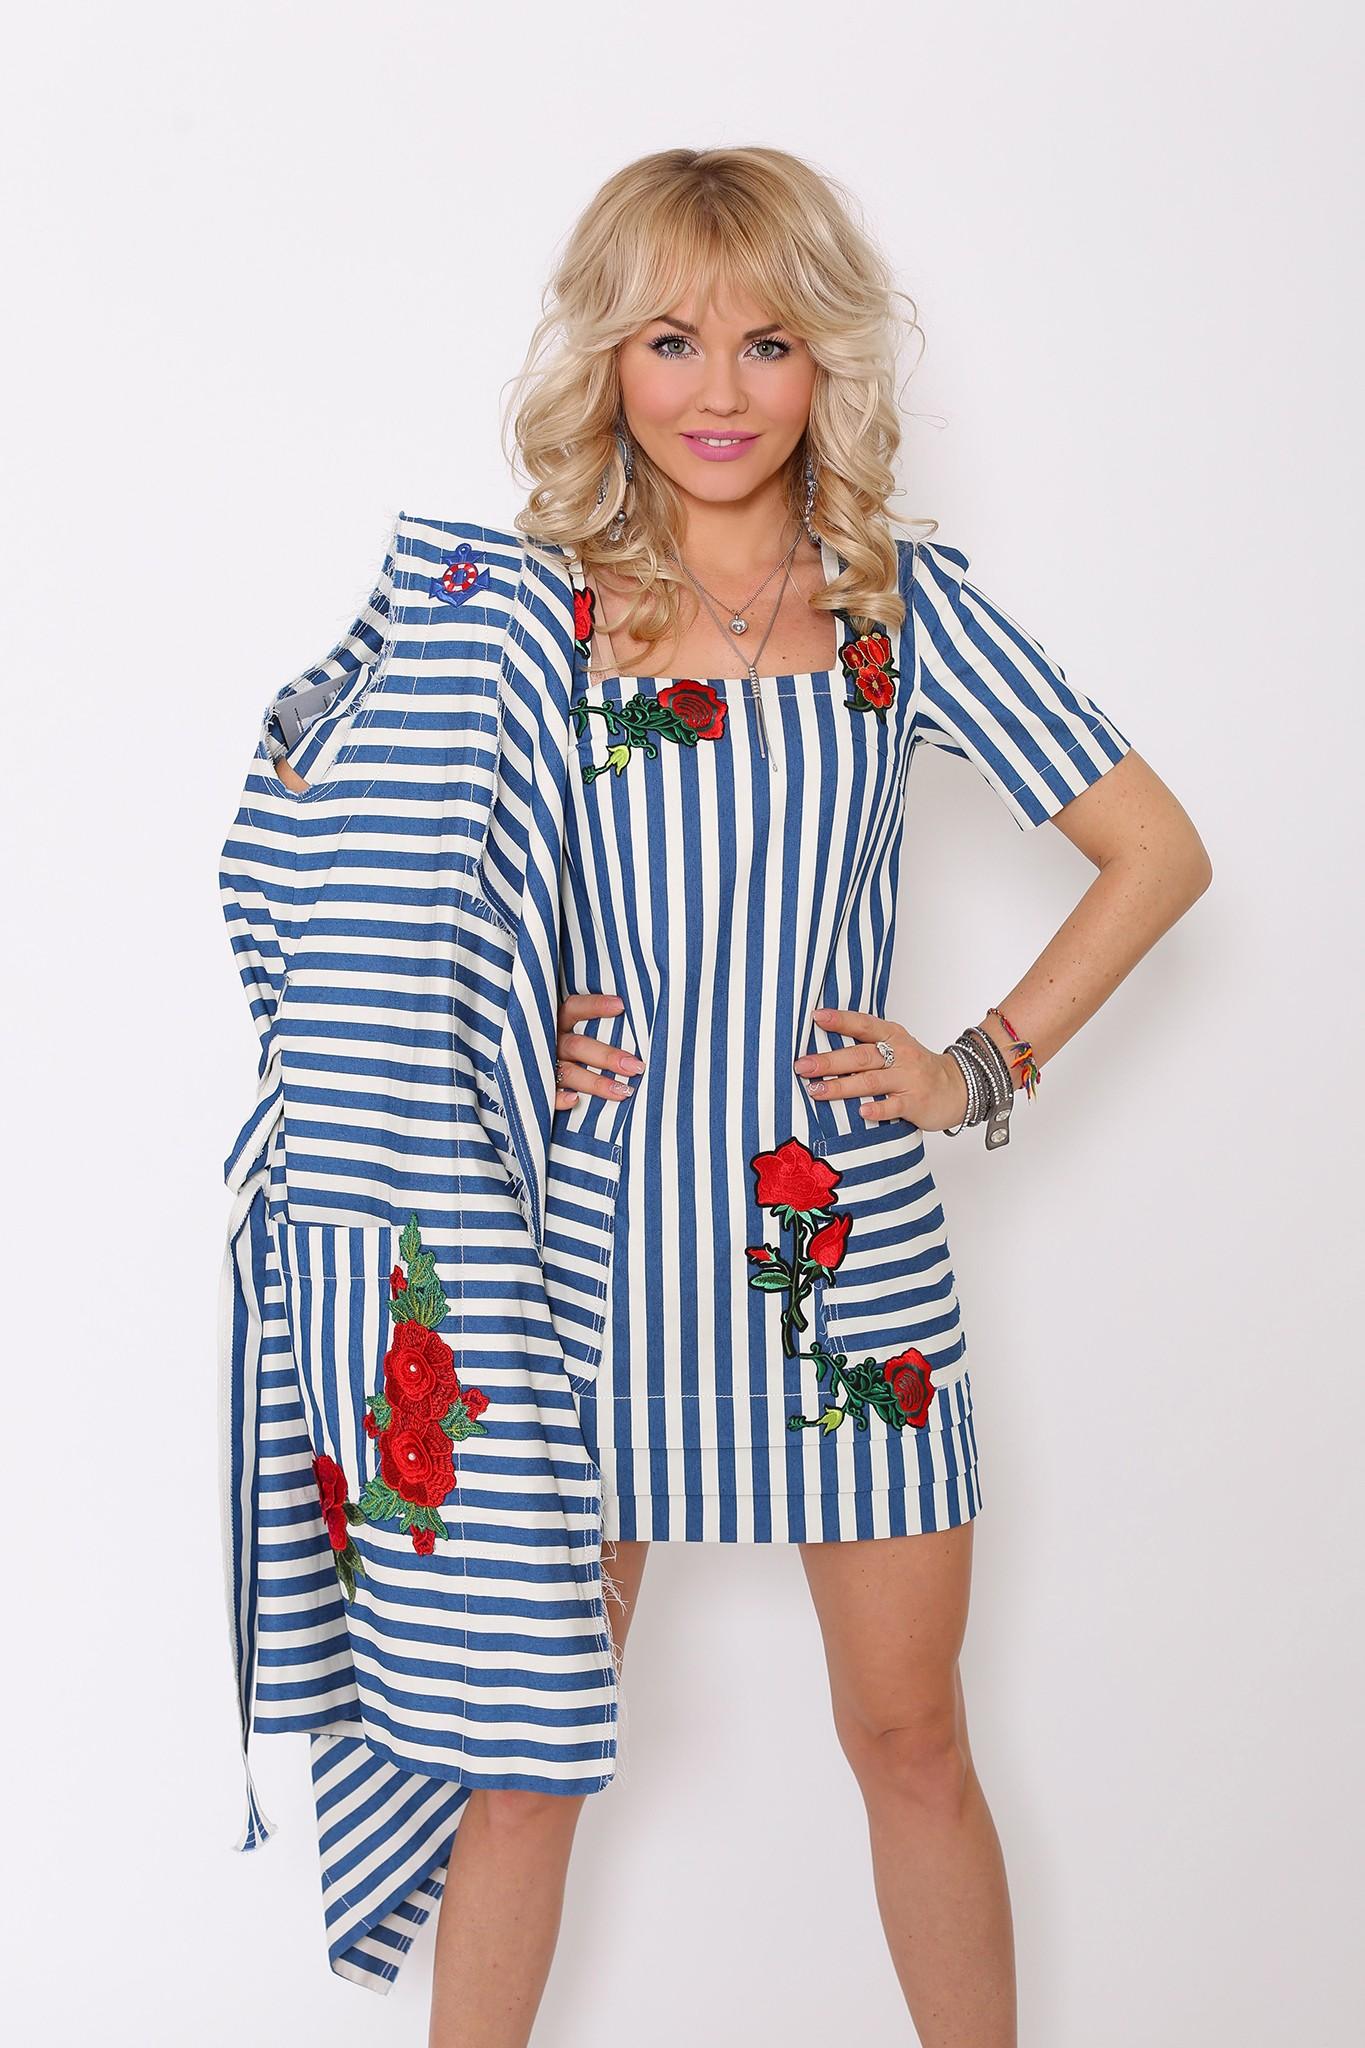 61d0ab80bac Джинсовые платья — купить стильное красивое модное джинсовое платье ...